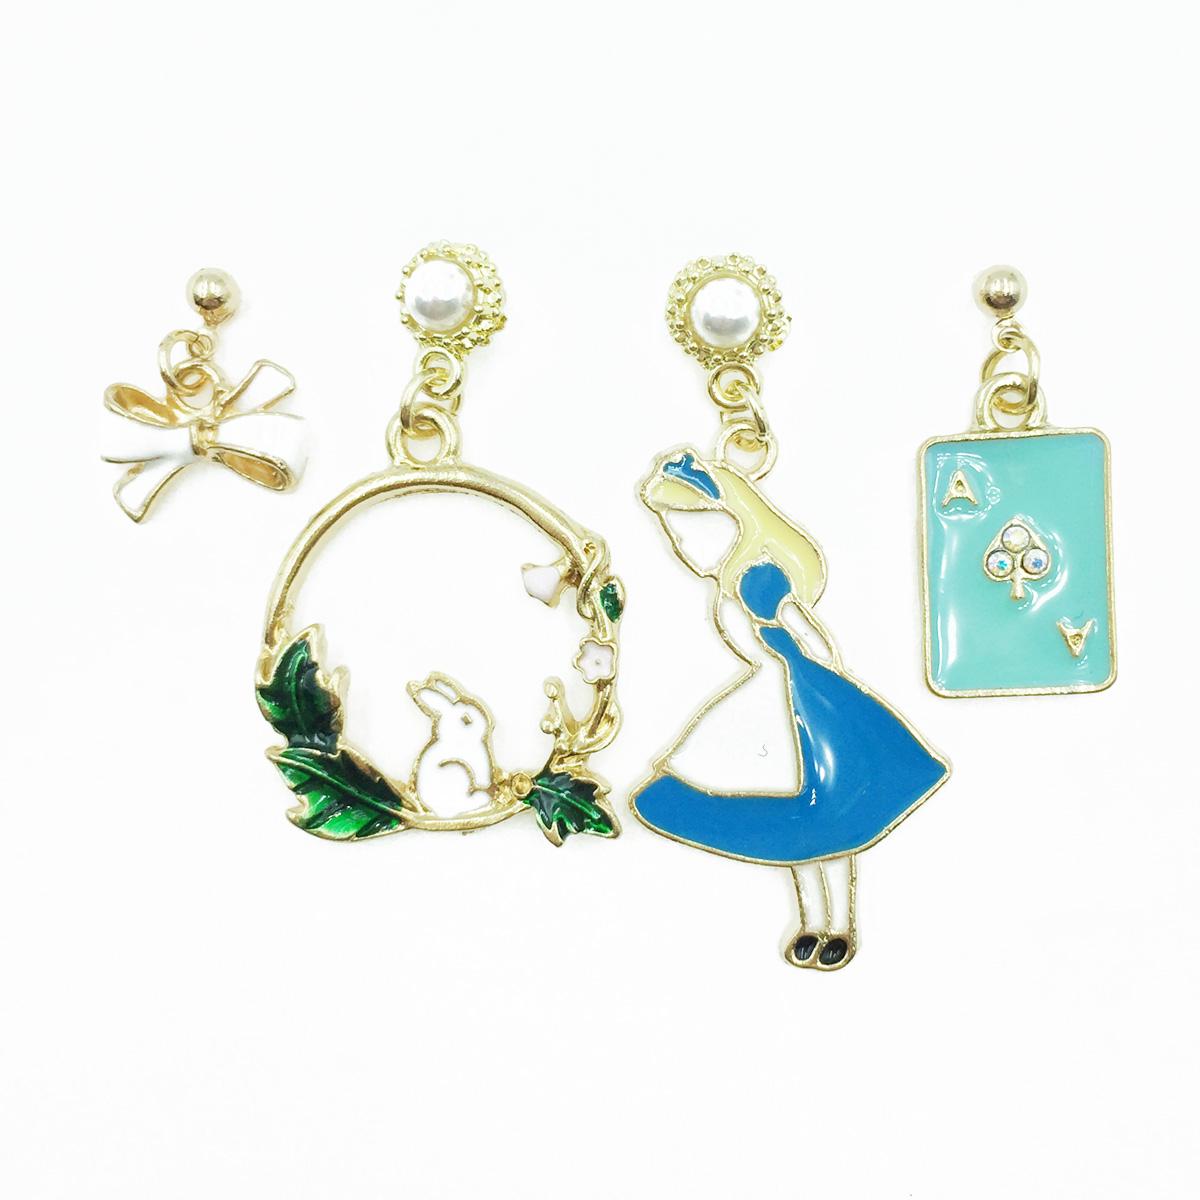 韓國 愛麗絲 蝴蝶結 撲克牌 珍珠 兔子 四入組 垂墜感 耳針式耳環